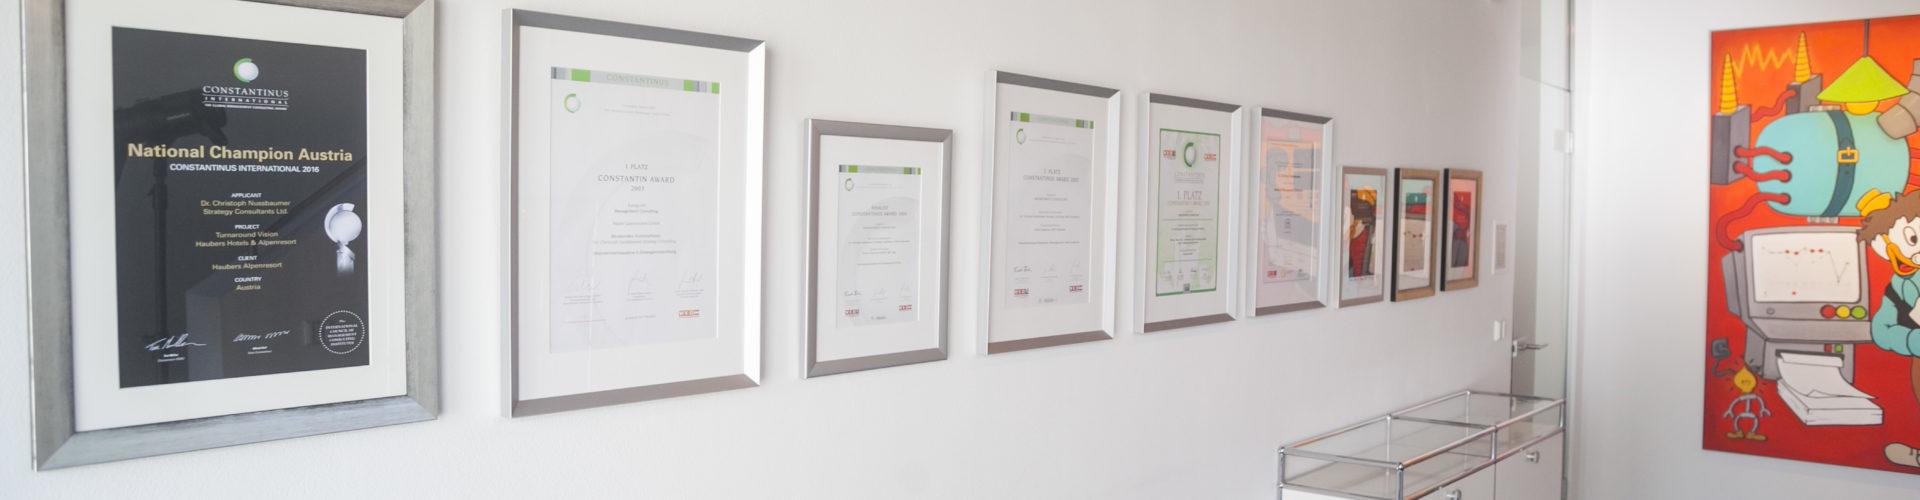 Constantinus Award-Preisträger in der Kategorie Management Consulting: 2006: 1. Platz; 2005: 2. Platz; 2004: Finalist; 2003: 1. Platz